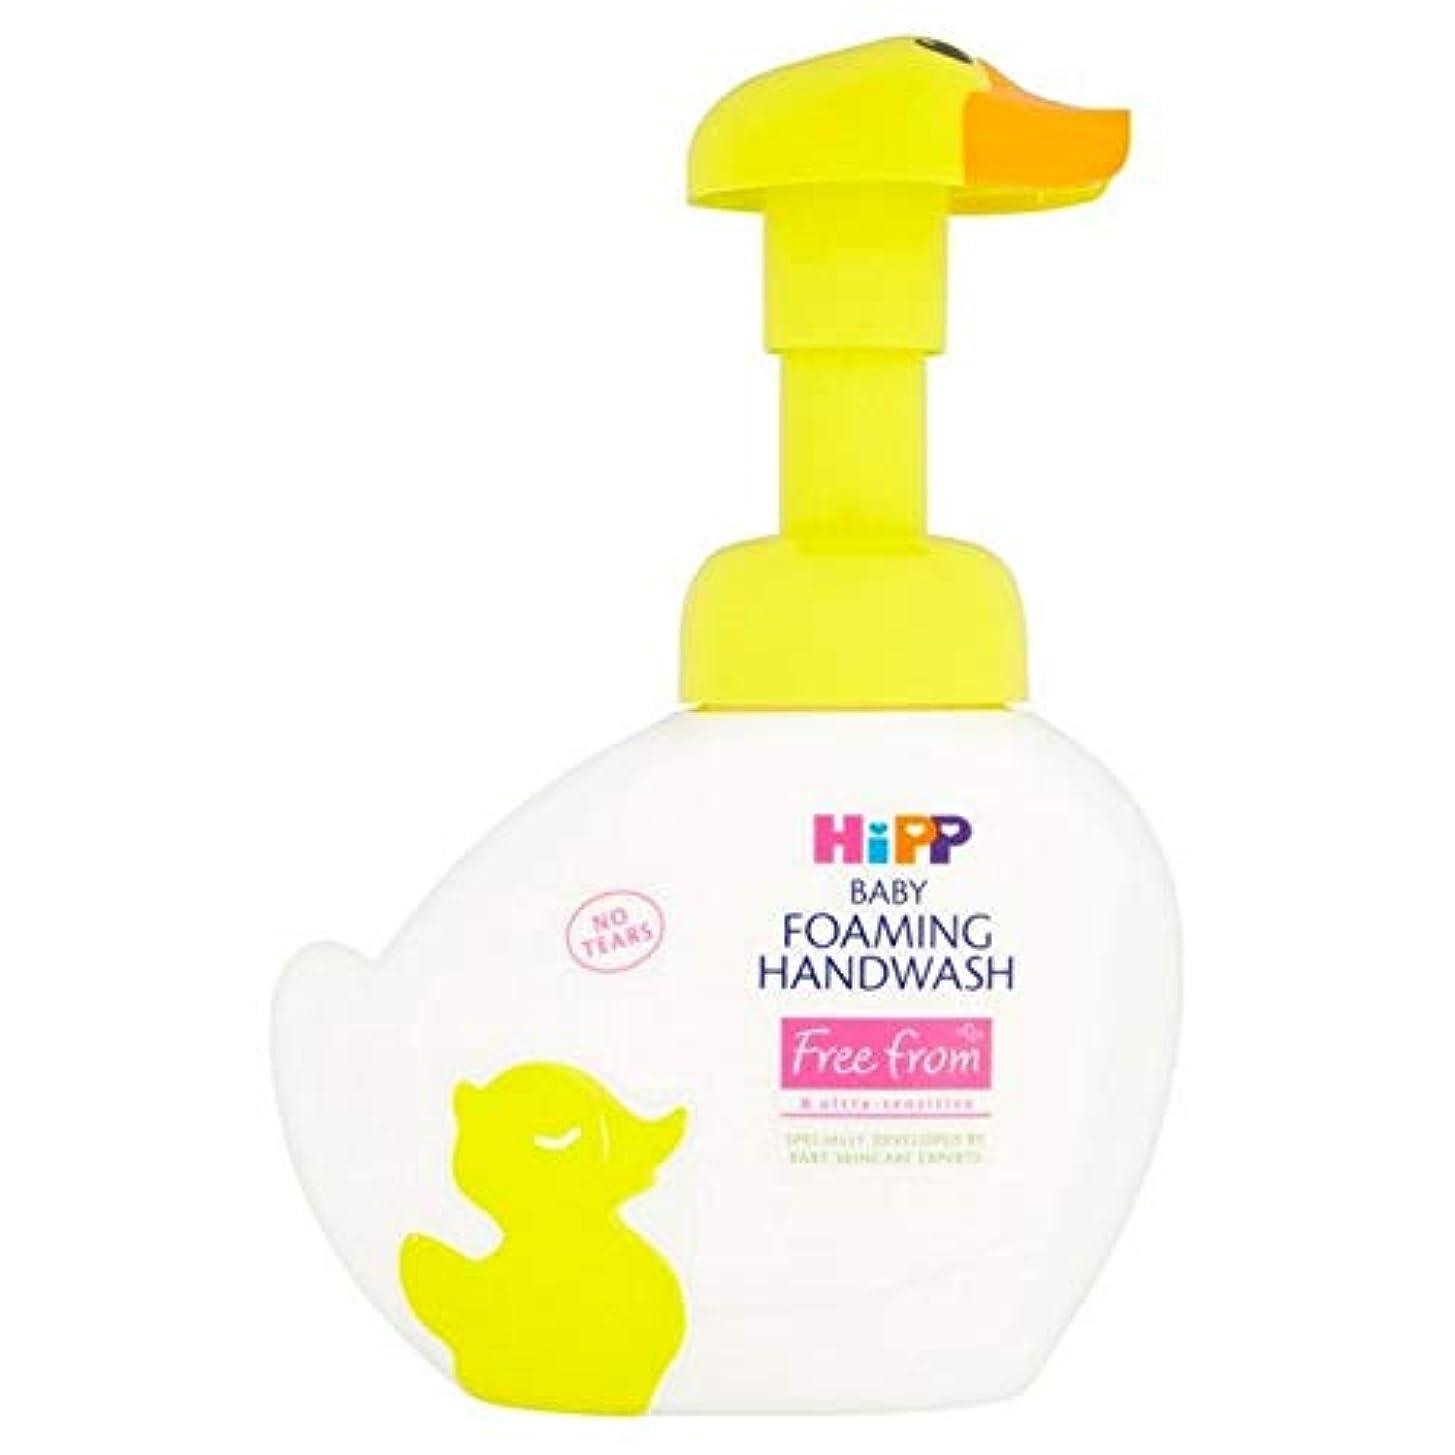 失望痛い等[Hipp ] ヒップアヒル発泡手洗いの250ミリリットル - HiPP Duck Foaming Handwash 250ml [並行輸入品]